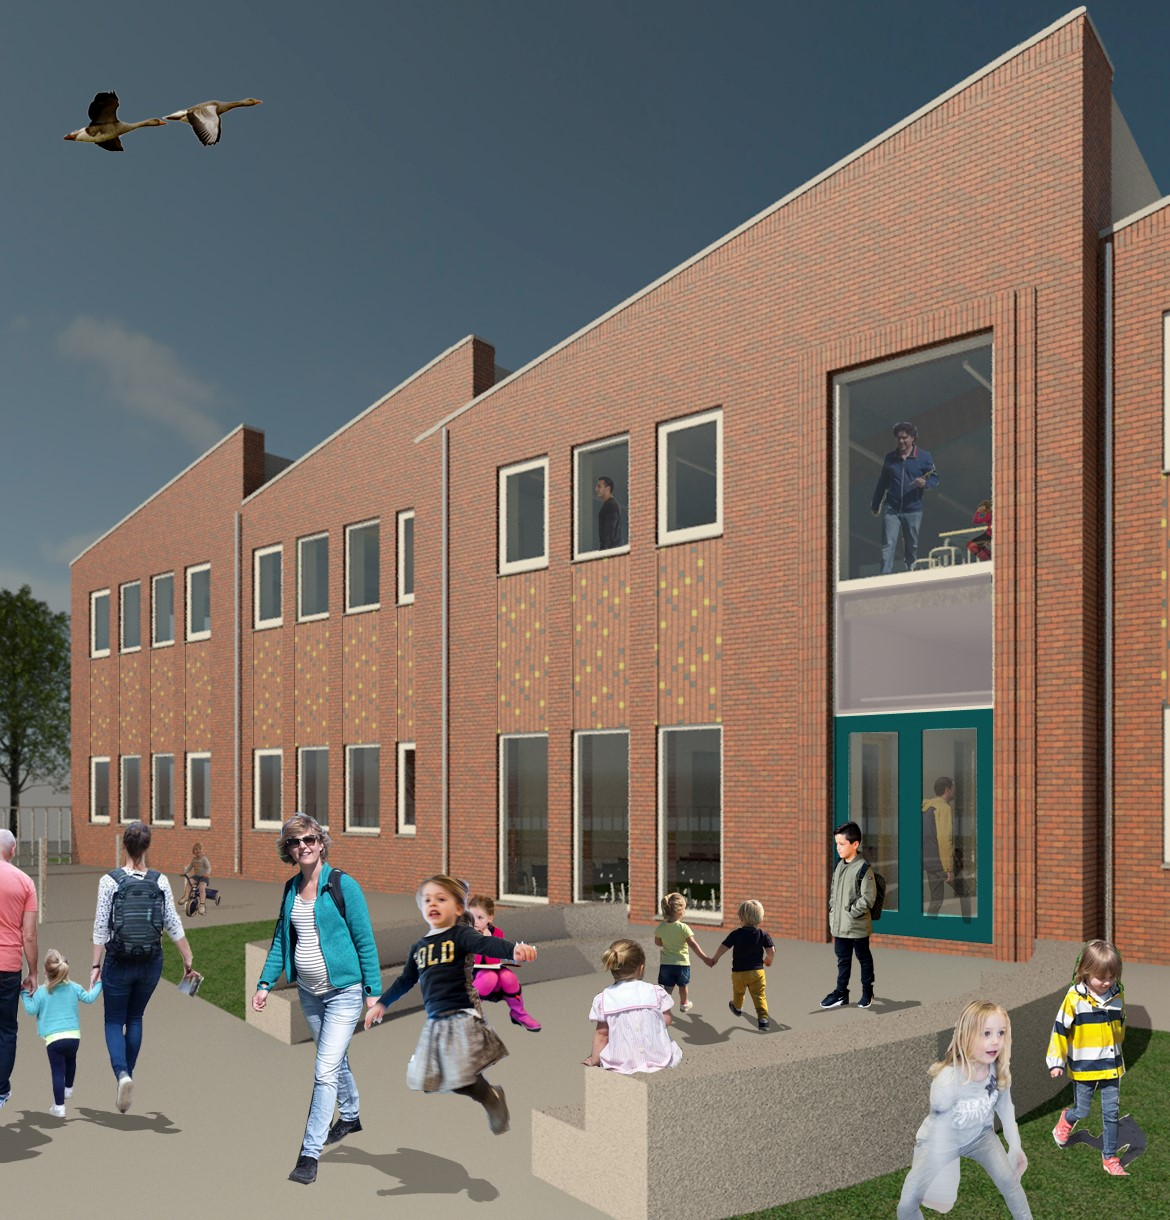 Ooms Wint Prijsvraag IKC Basisschool De Toermalijn!